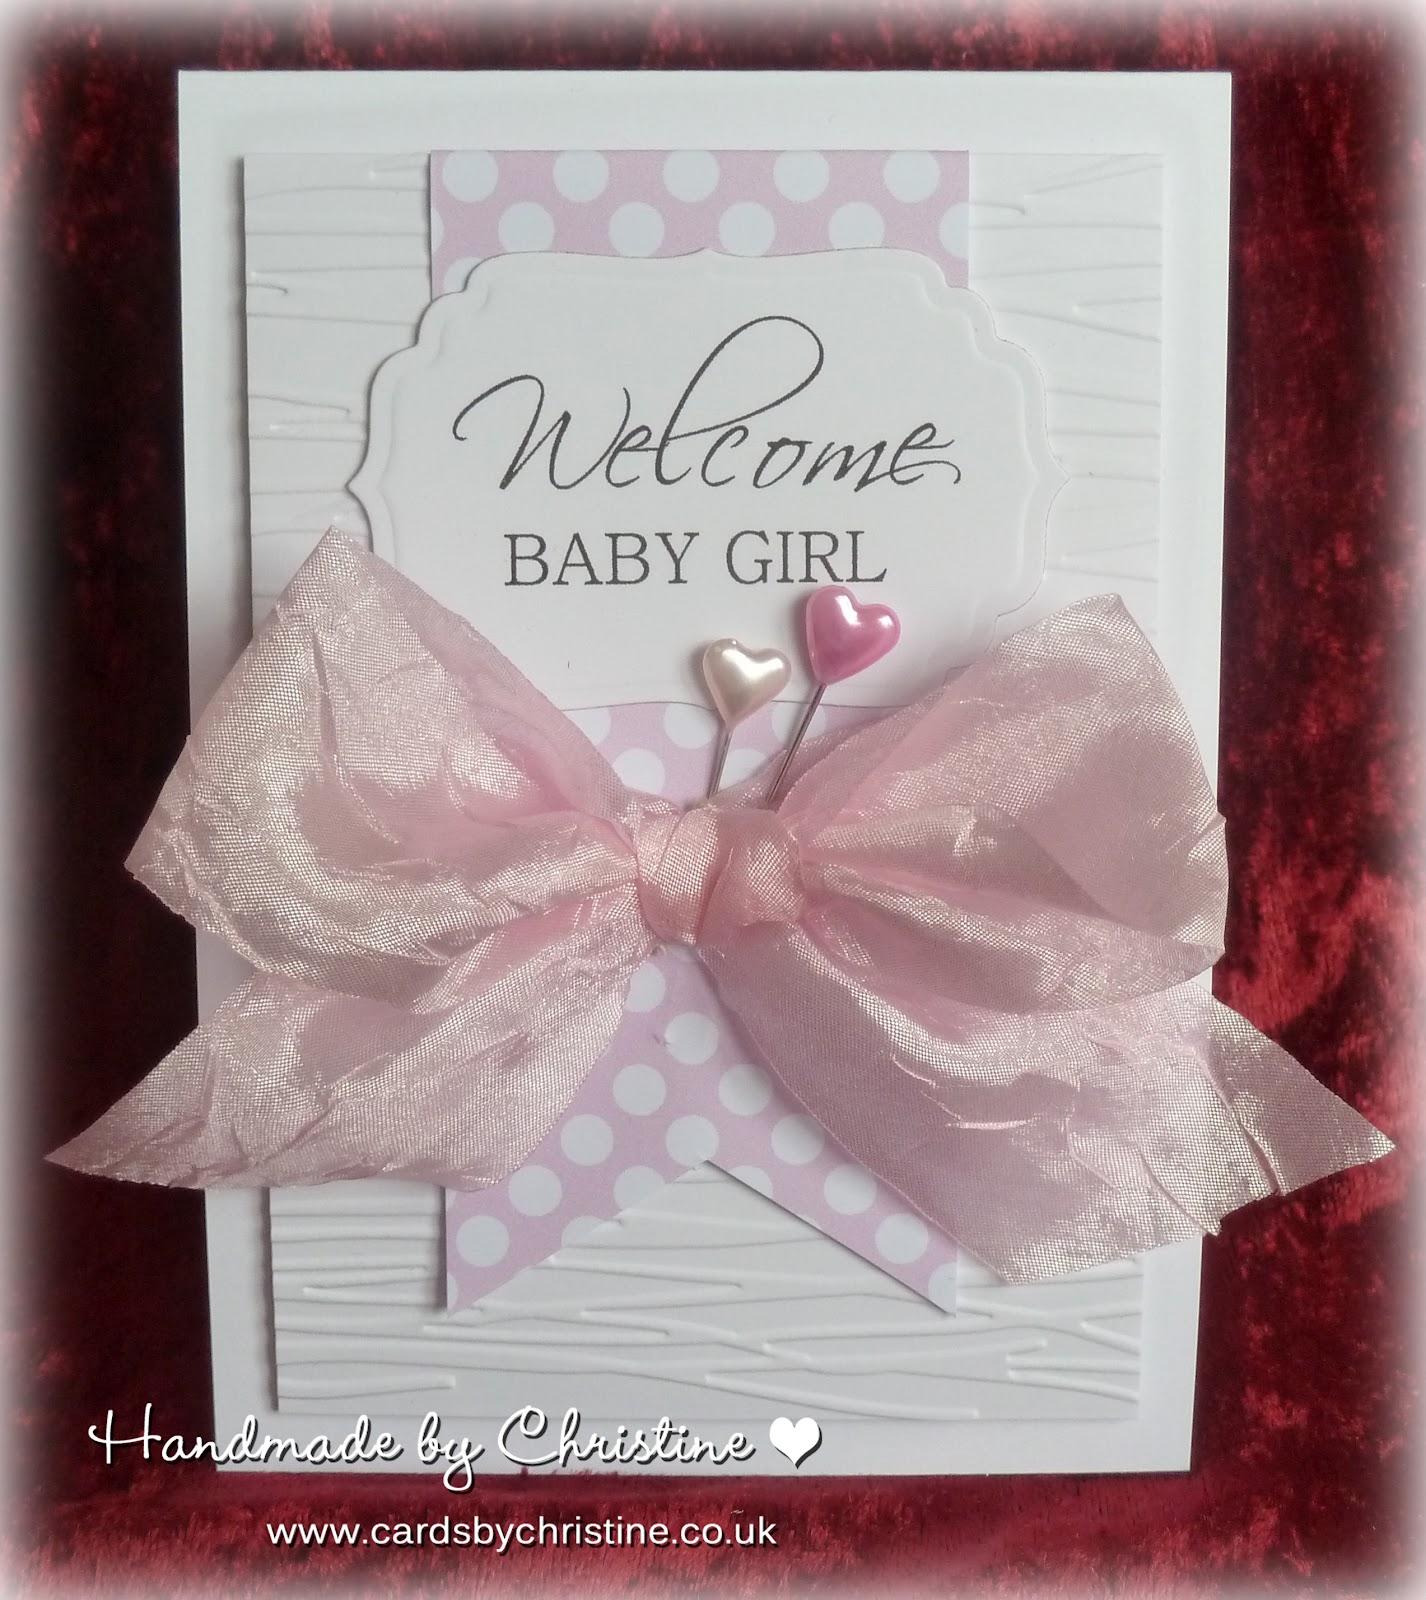 Welcome baby girl - Imagui